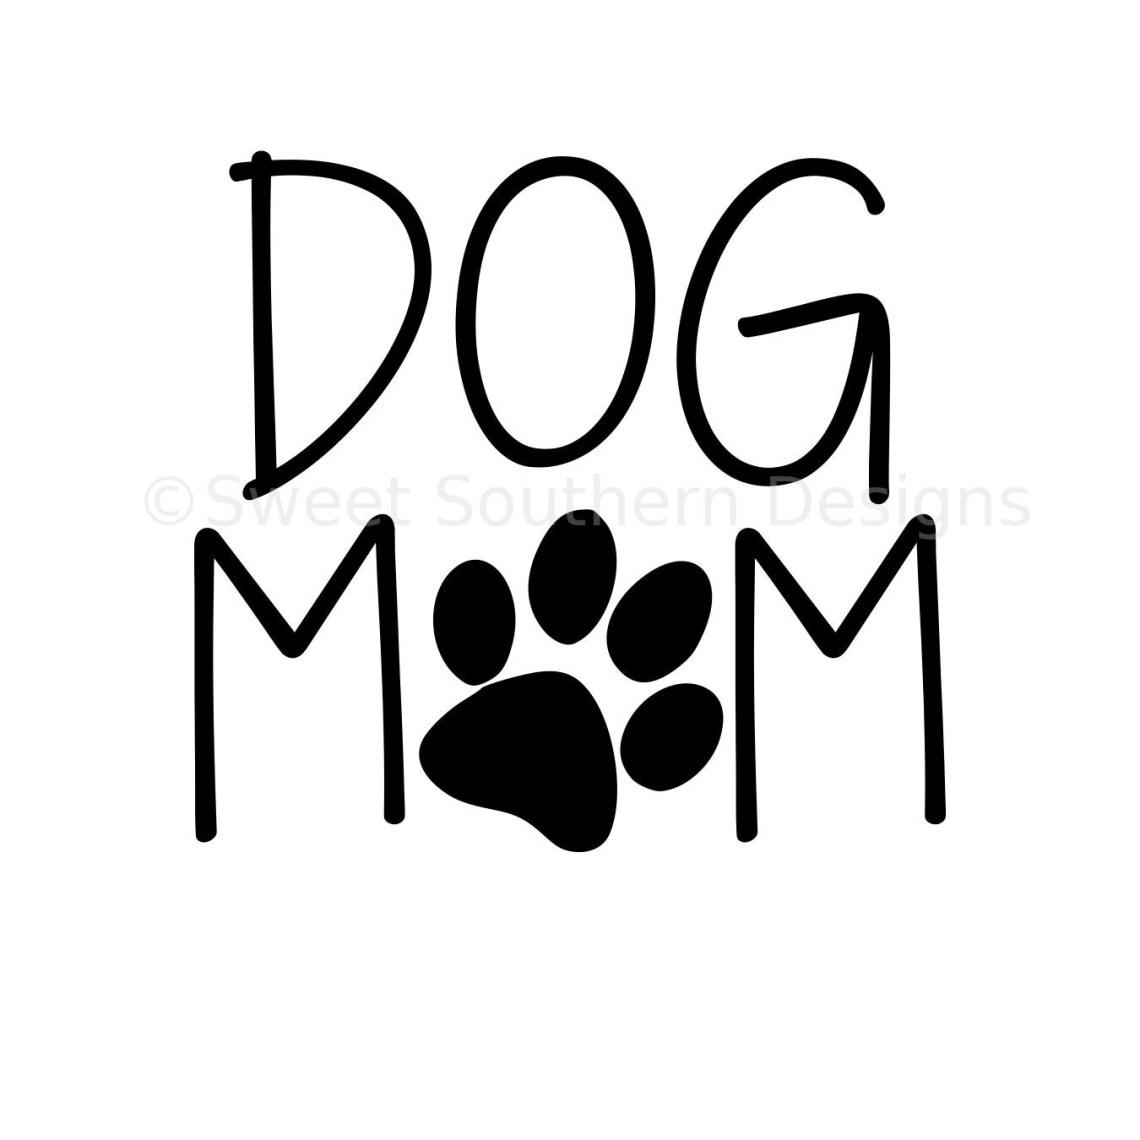 Download Dog mom SVG instant download design for cricut or ...